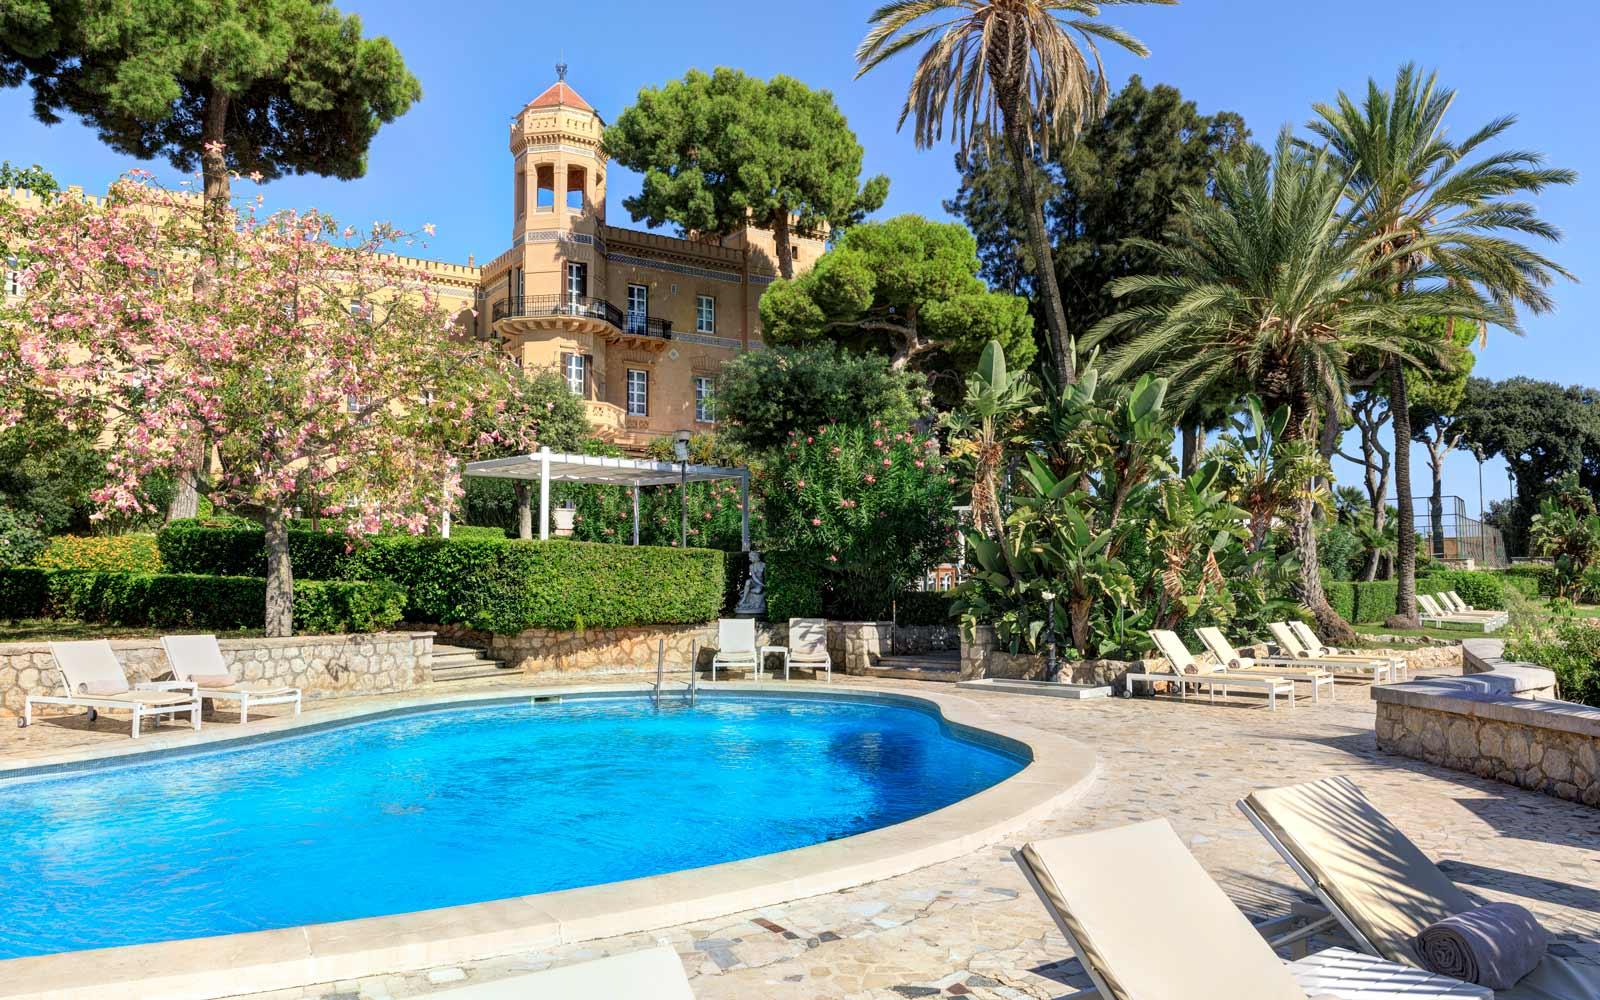 Villa Igiea Pool